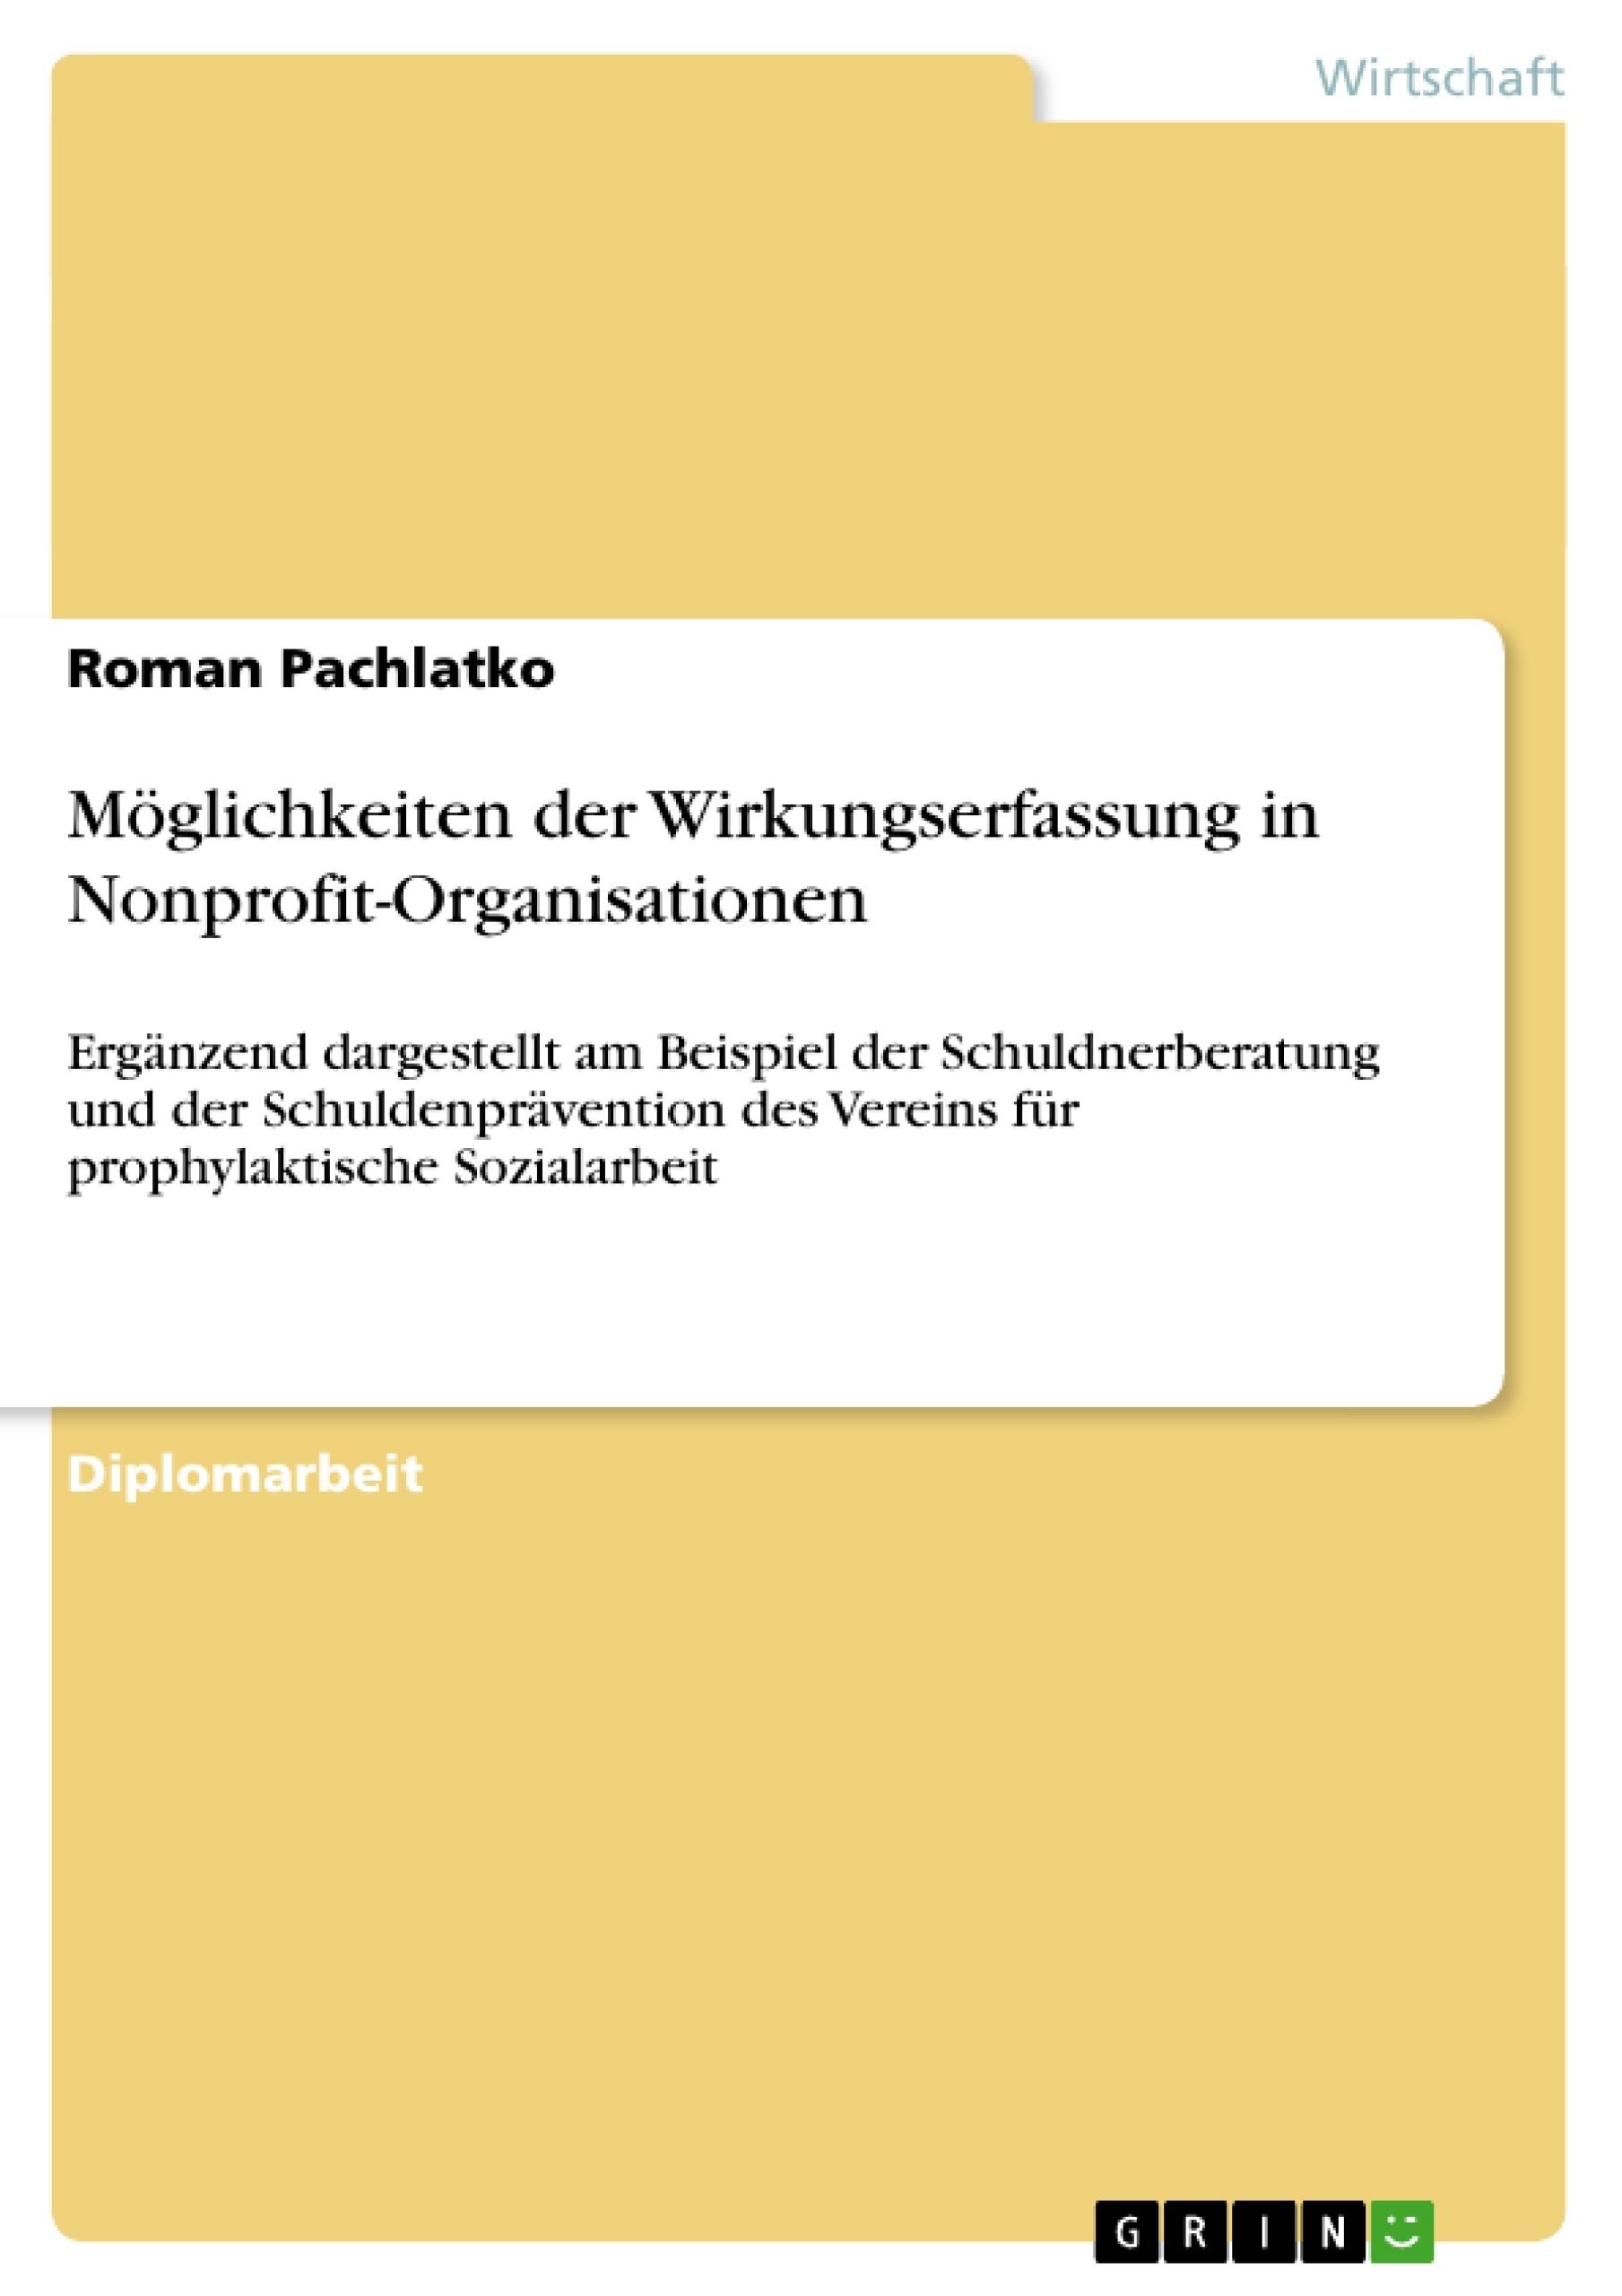 Titel: Möglichkeiten der Wirkungserfassung in Nonprofit-Organisationen